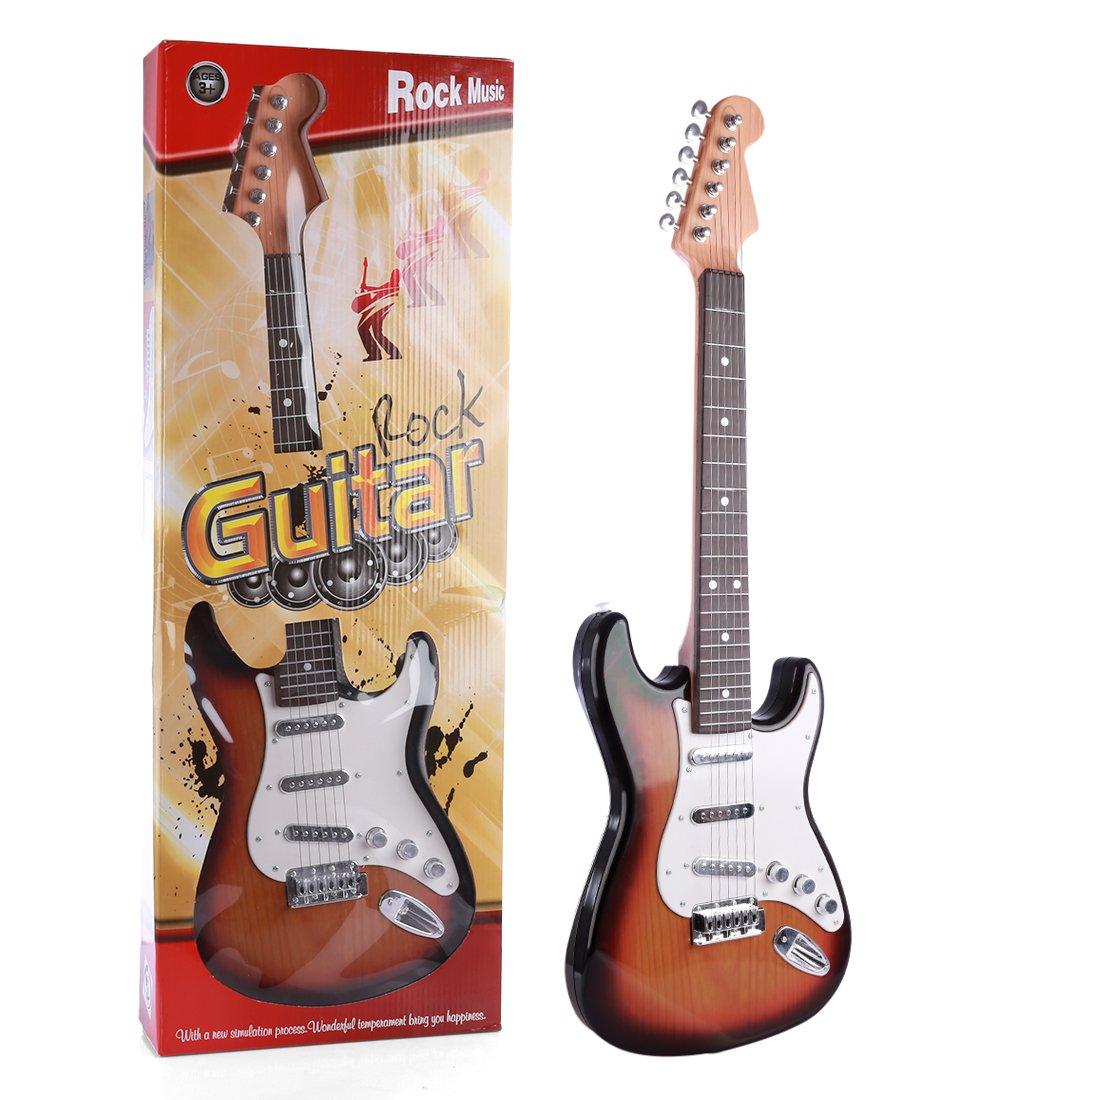 PHYNEDI Guitarra Eléctrica Rock Infantil Set de Guitarra y Micrófono Guitarra Juguete para Niños Instrumentos Musicales: Amazon.es: Juguetes y juegos